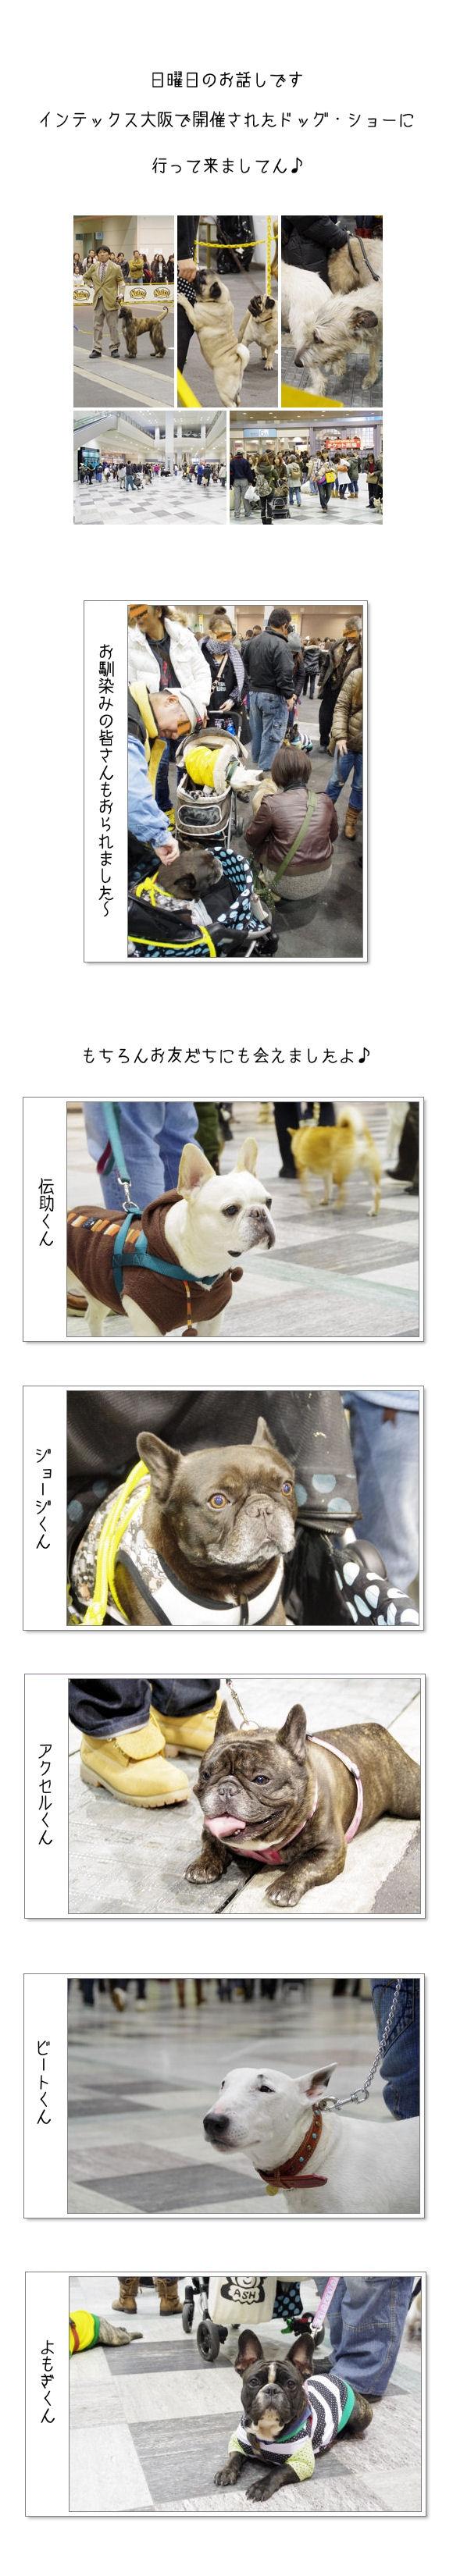 インテックス大阪♪